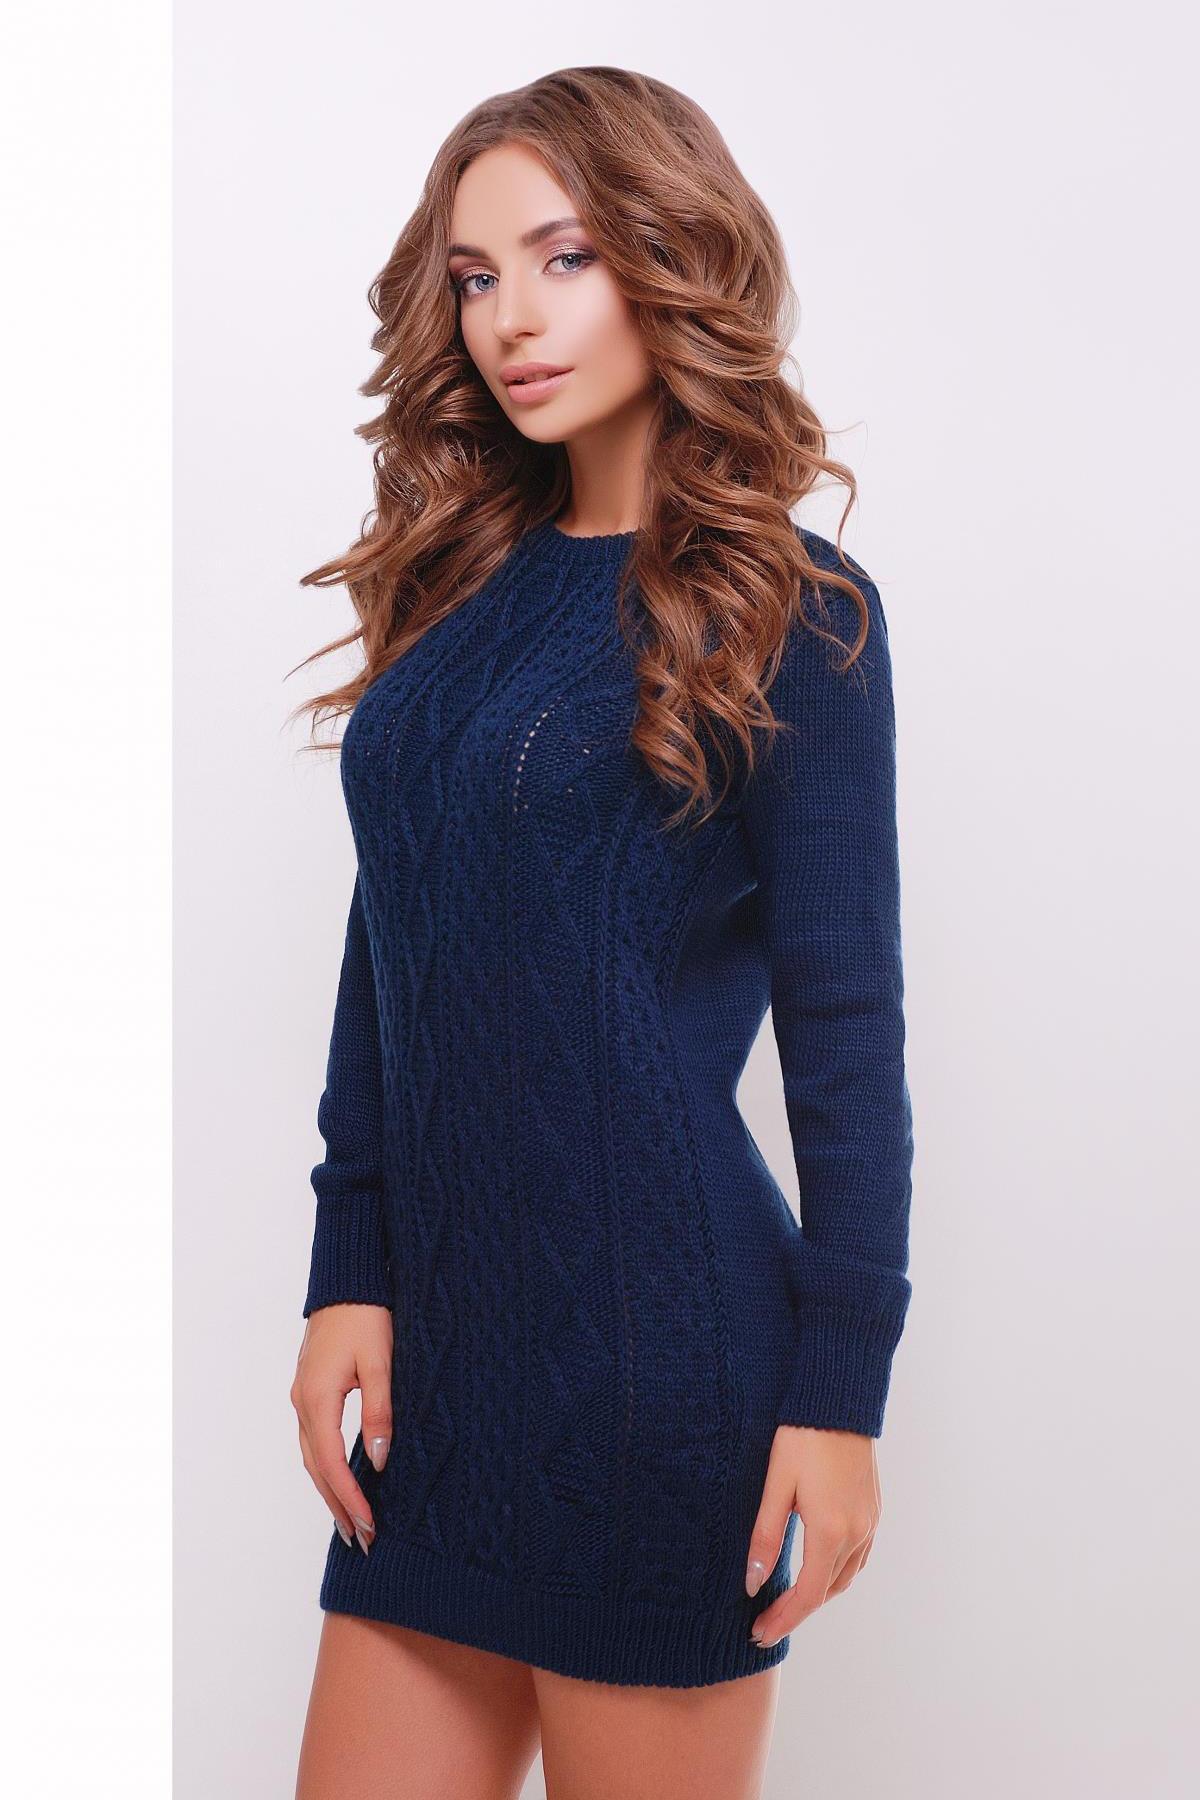 9c1e89ce8f6 короткое вязаное платье. Платье-туника 143. Цвет  темно-синий купить